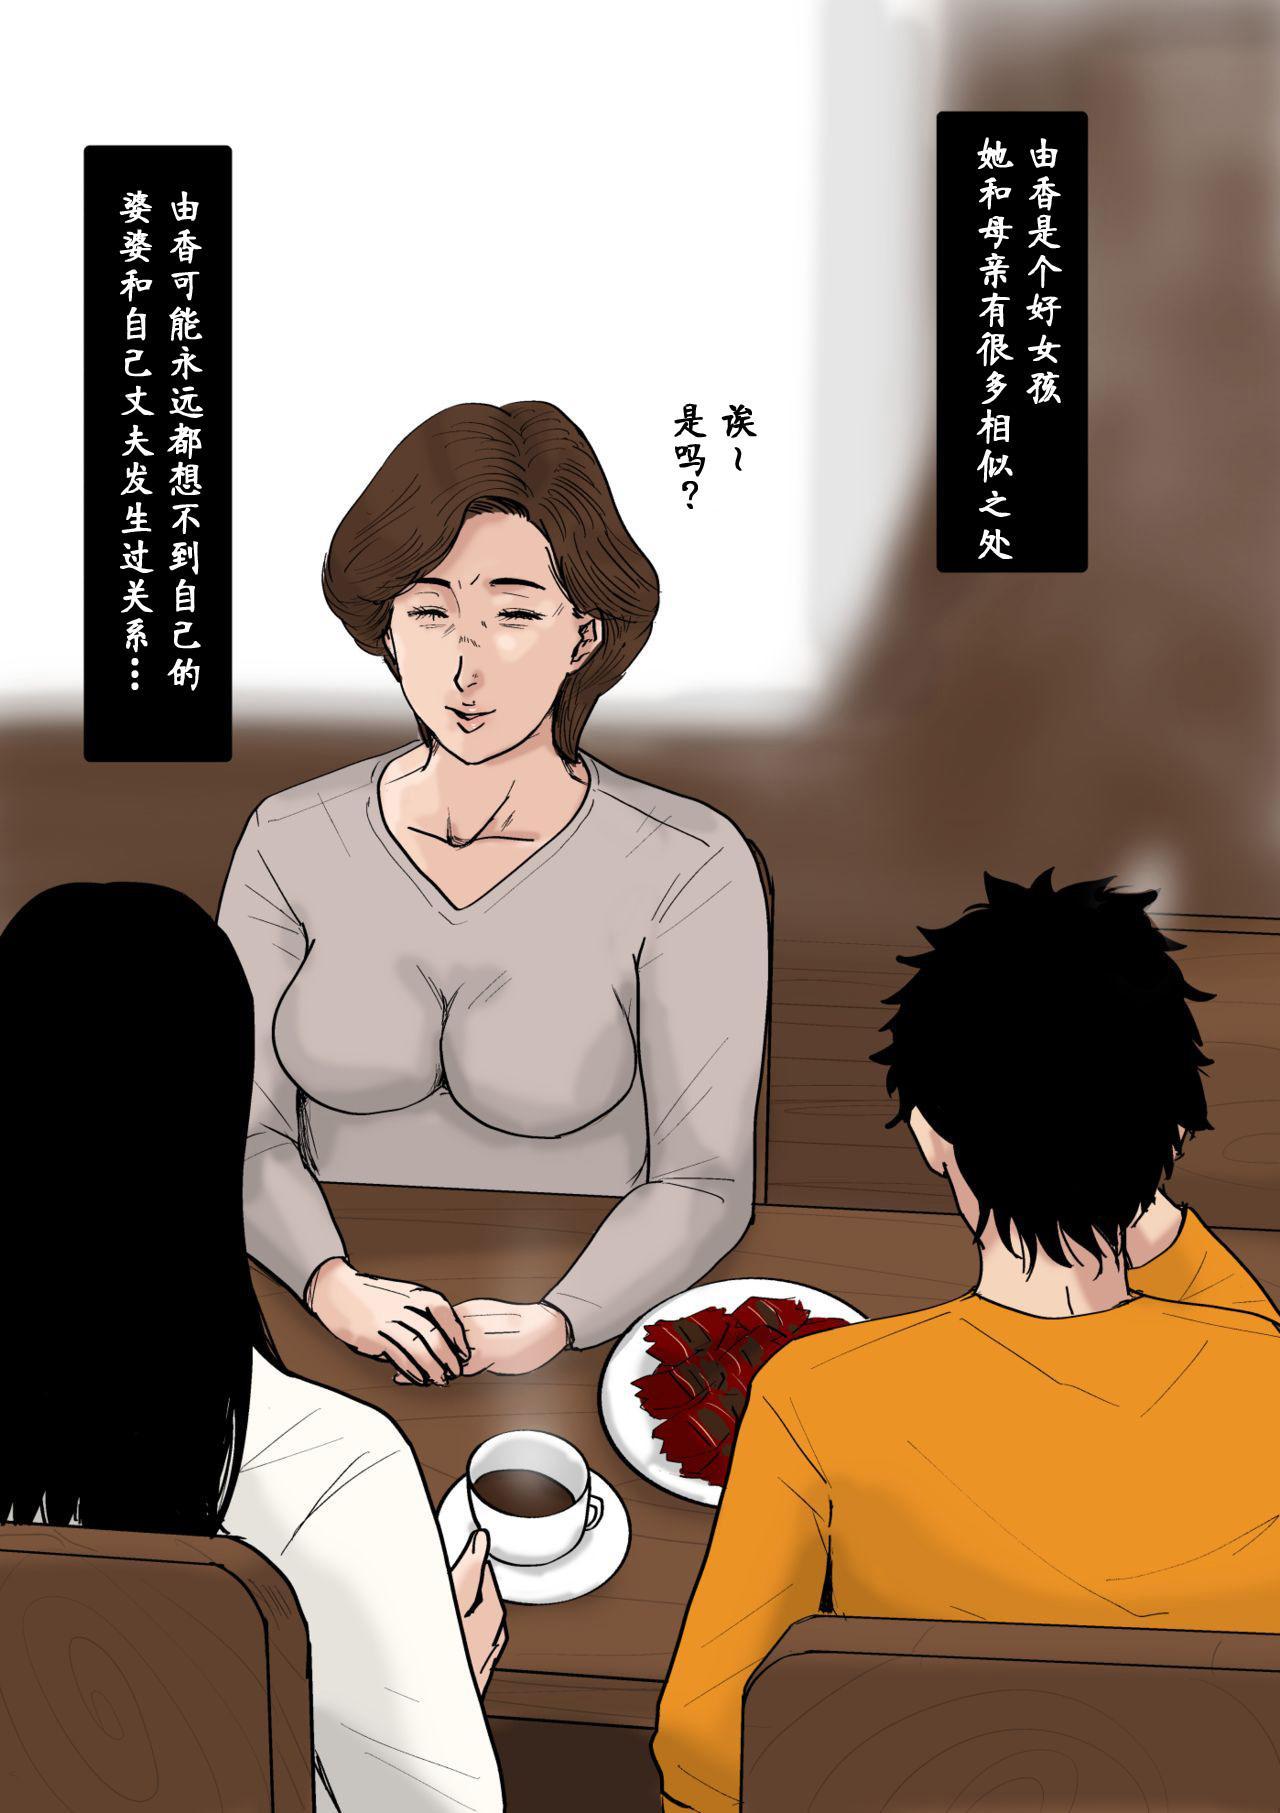 [Oozora Kaiko] Kaa-san to Ore no 20-nenshi ~Waga Ie no Kinshin Soukan Kaikoroku [Chinese] [金麦基个人汉化] 33